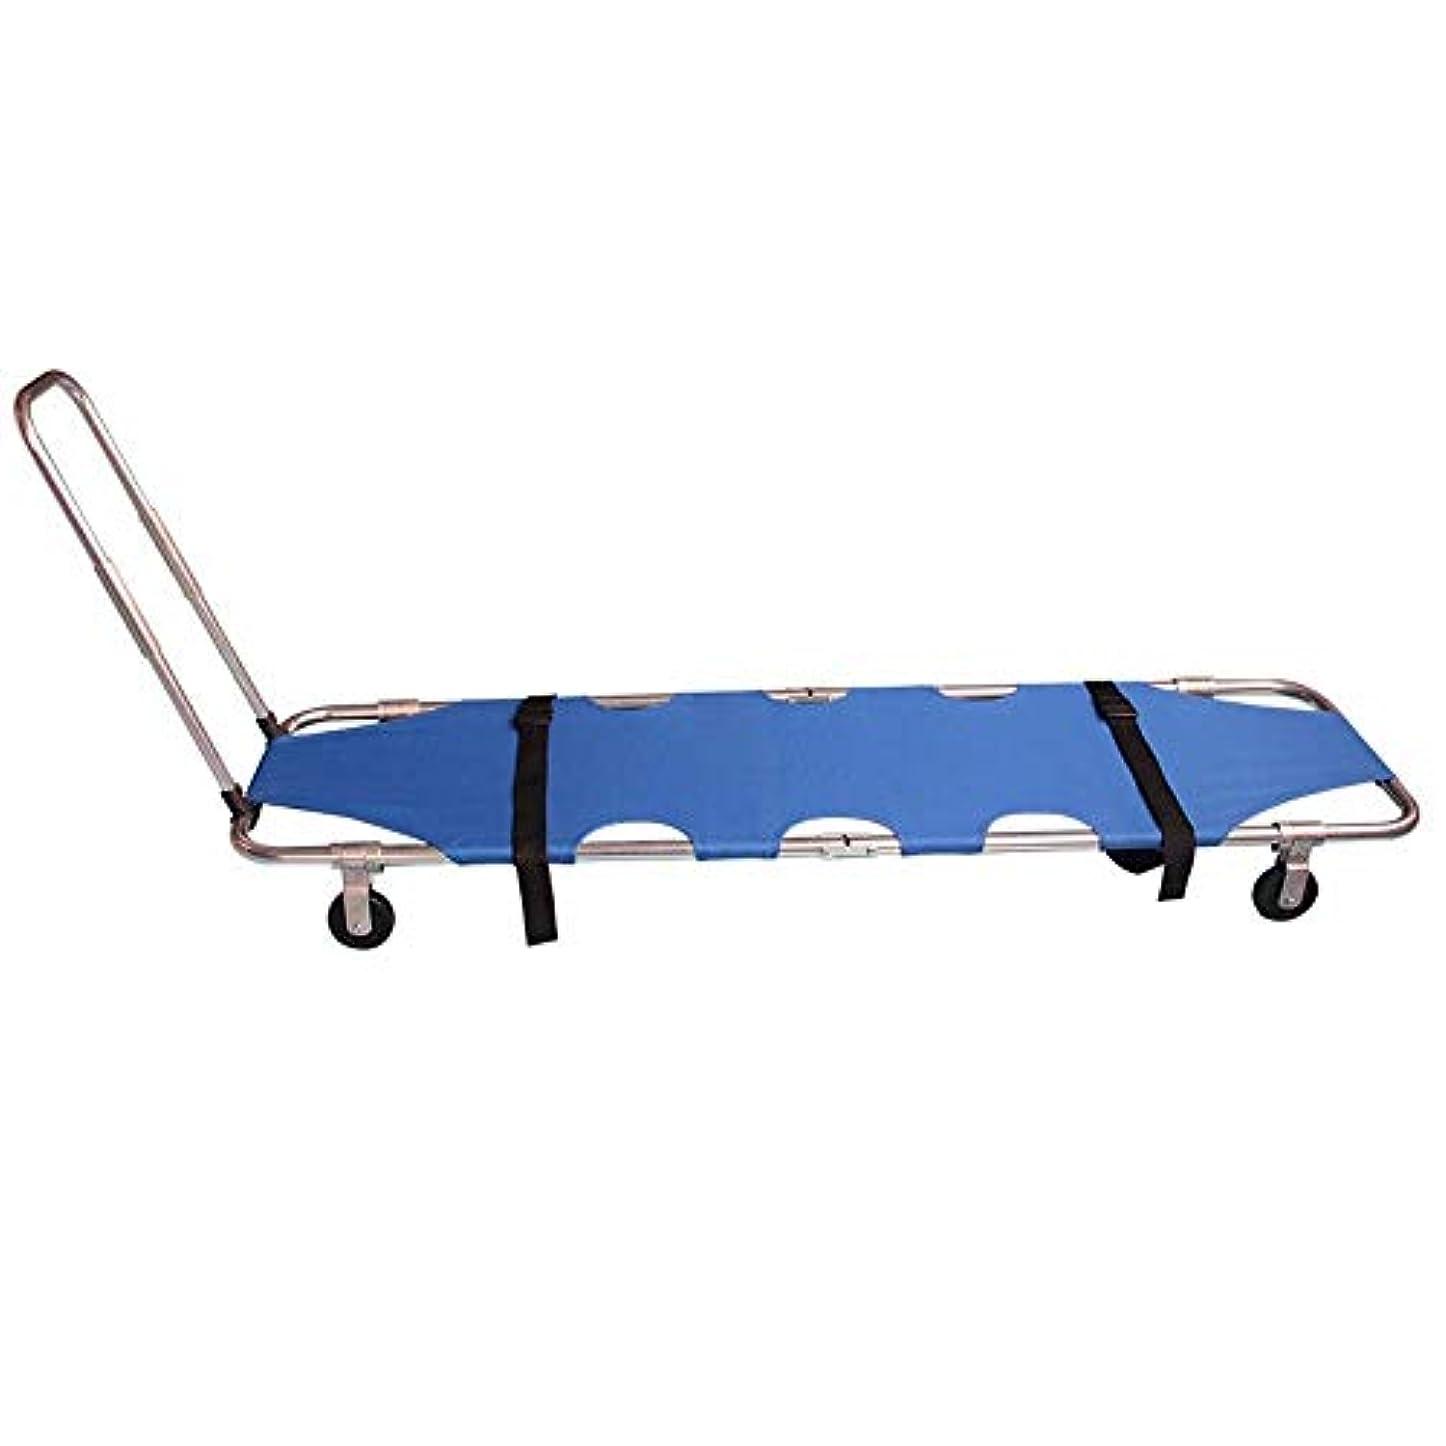 材料マネージャー条約緊急救助ストレッチャー、病院、クリニック、ホームなどのための4つの車輪とシートベルトを備えたフラット折りたたみ式ポータブルストレッチャー